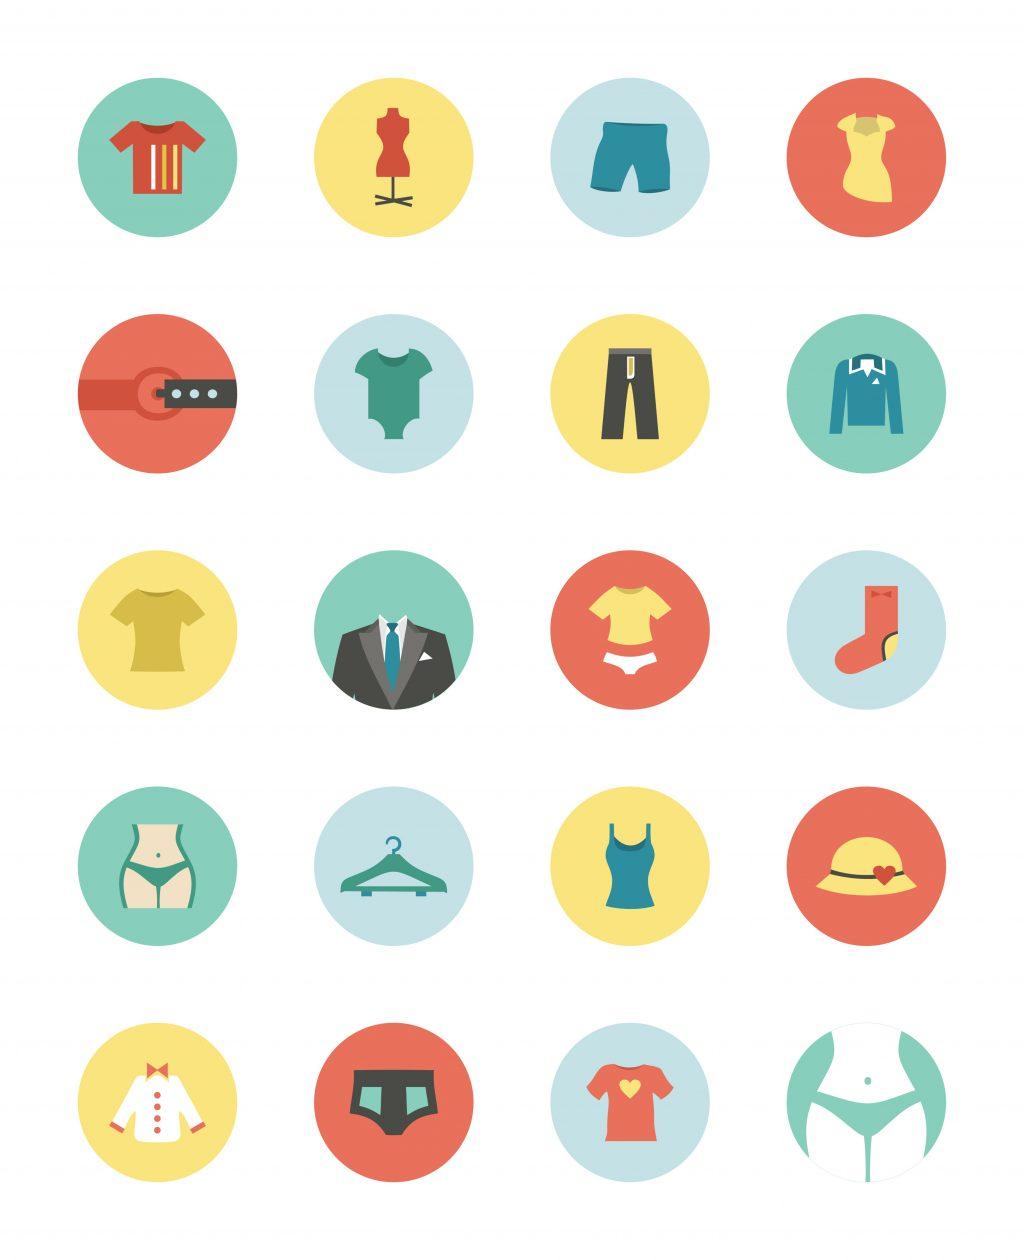 Fashion Illustration Bundle:  Clothing Business Icons and illustrations - 20169058